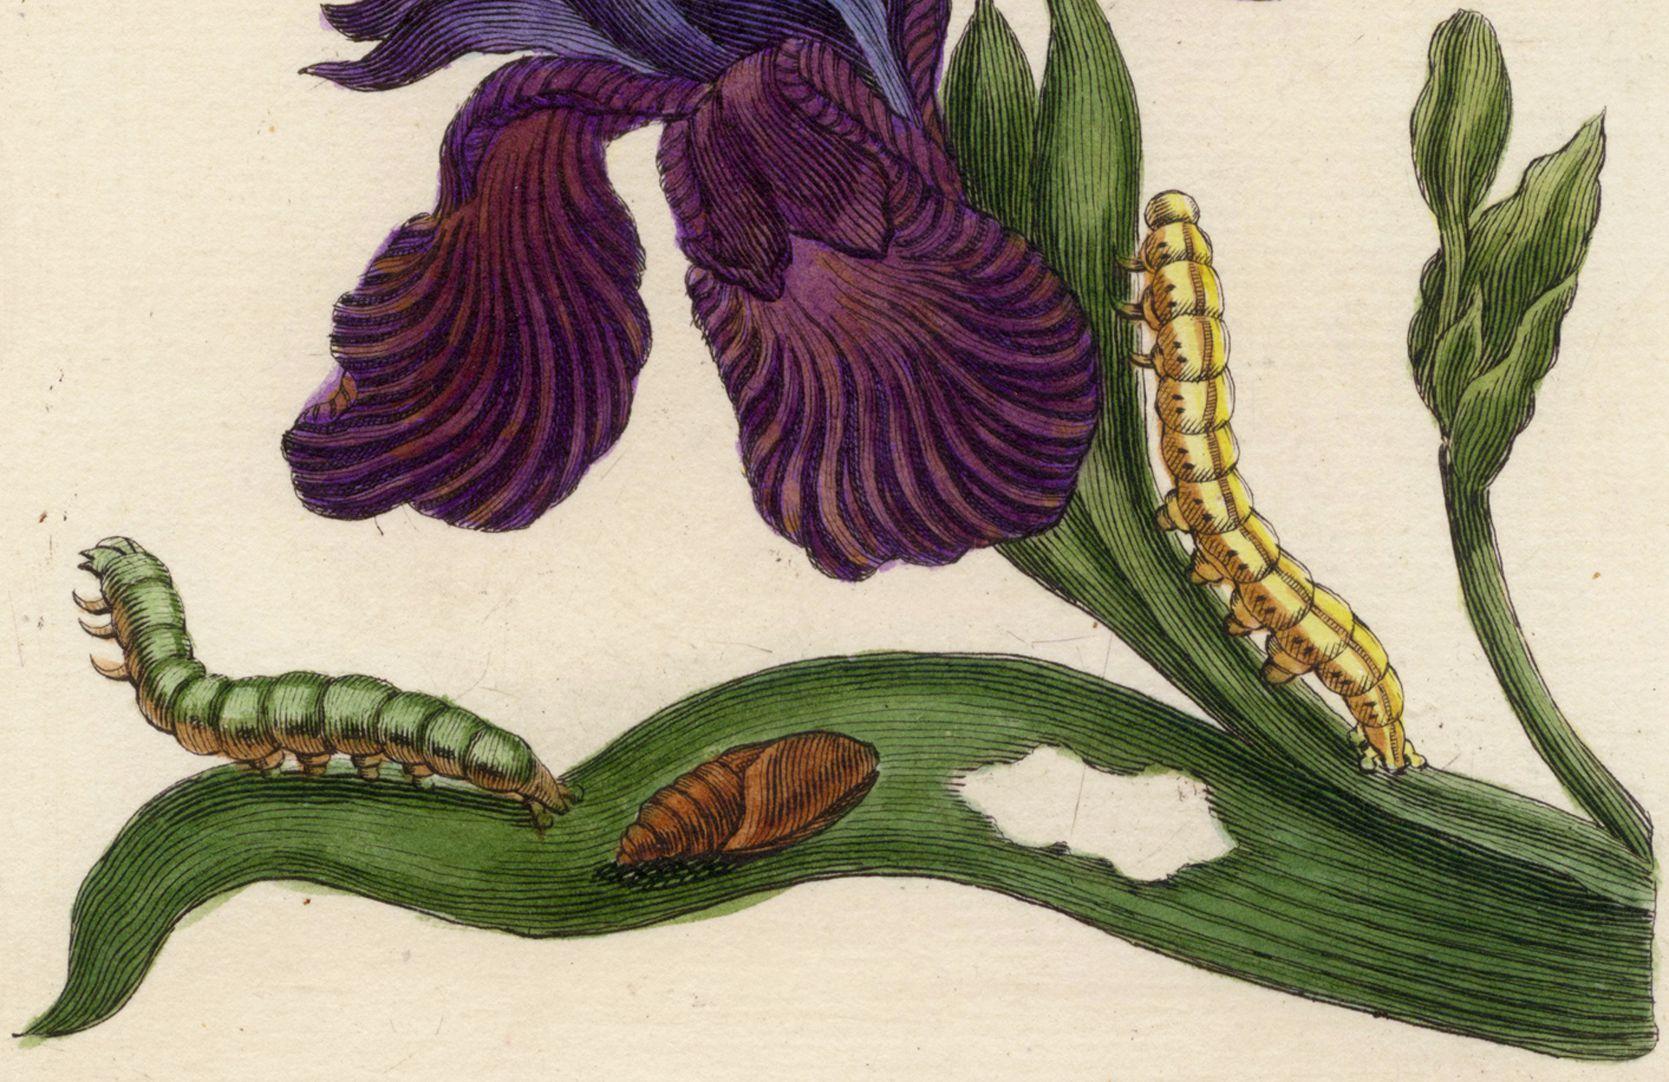 Iris untere Blatthälfte, Detail